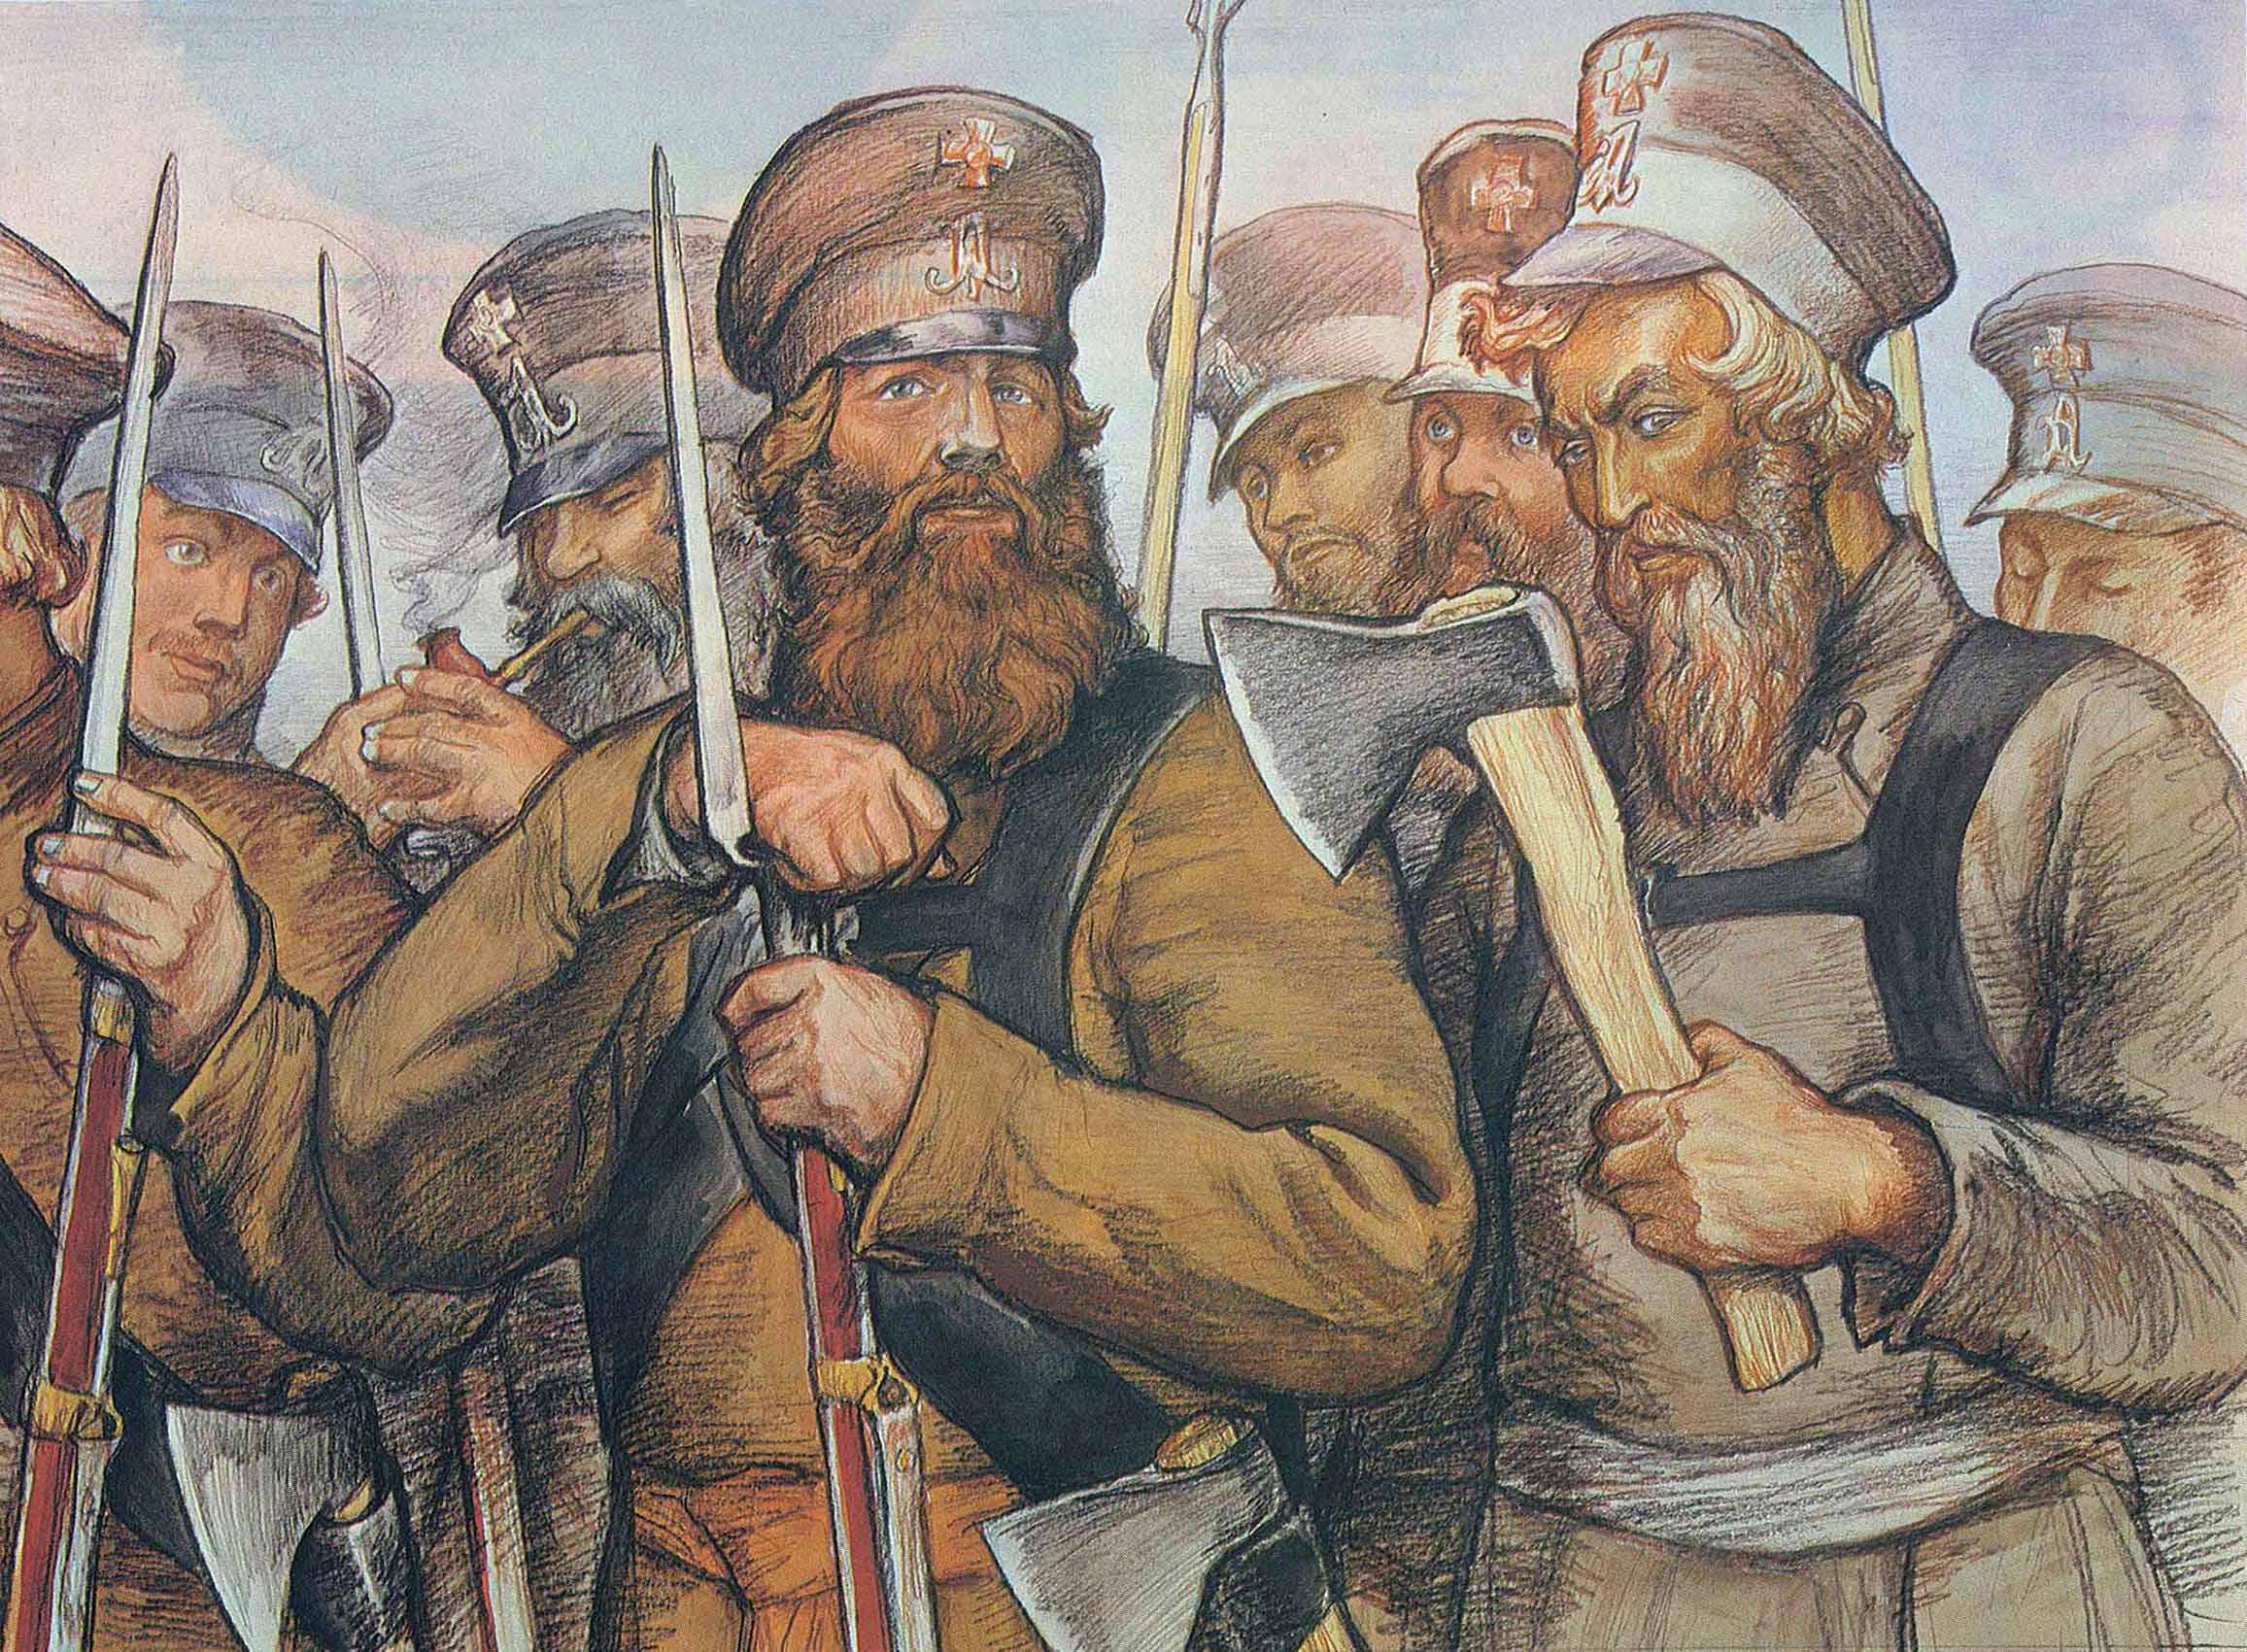 Всем привет. В этом году исполняется 200 лет с Бородинского сражения. И я решил написать именно об этом. Тема Второй .... - Изображение 3